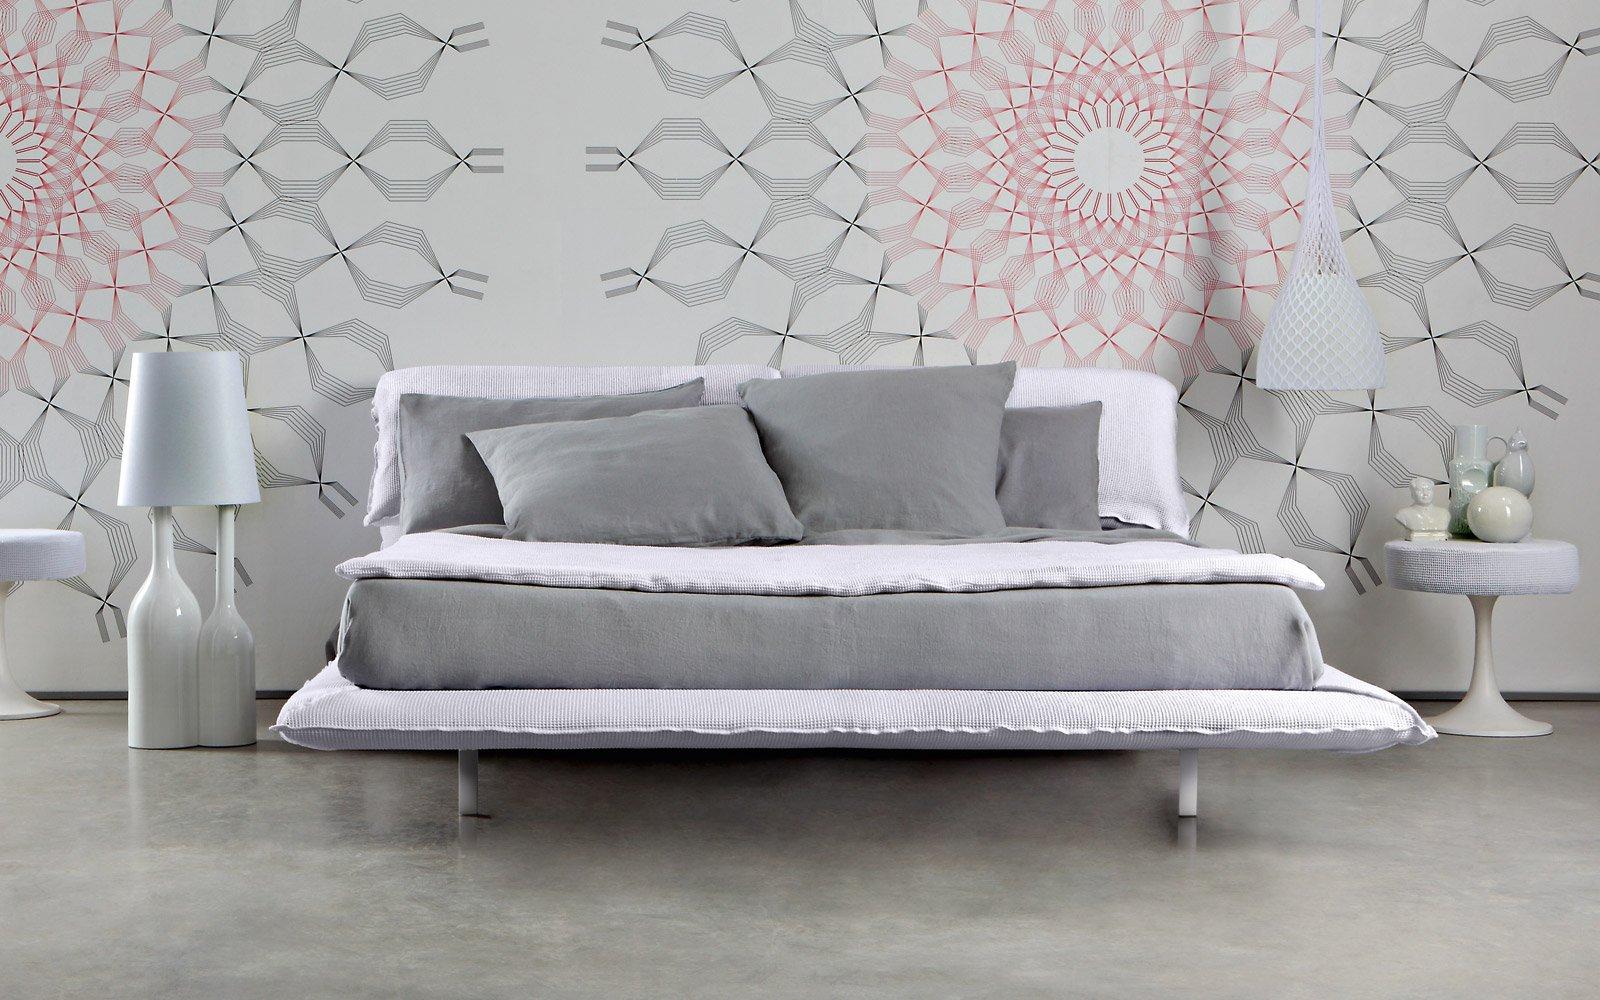 Letti il design si fa pi morbido cose di casa - Sostegno per leggere a letto ...